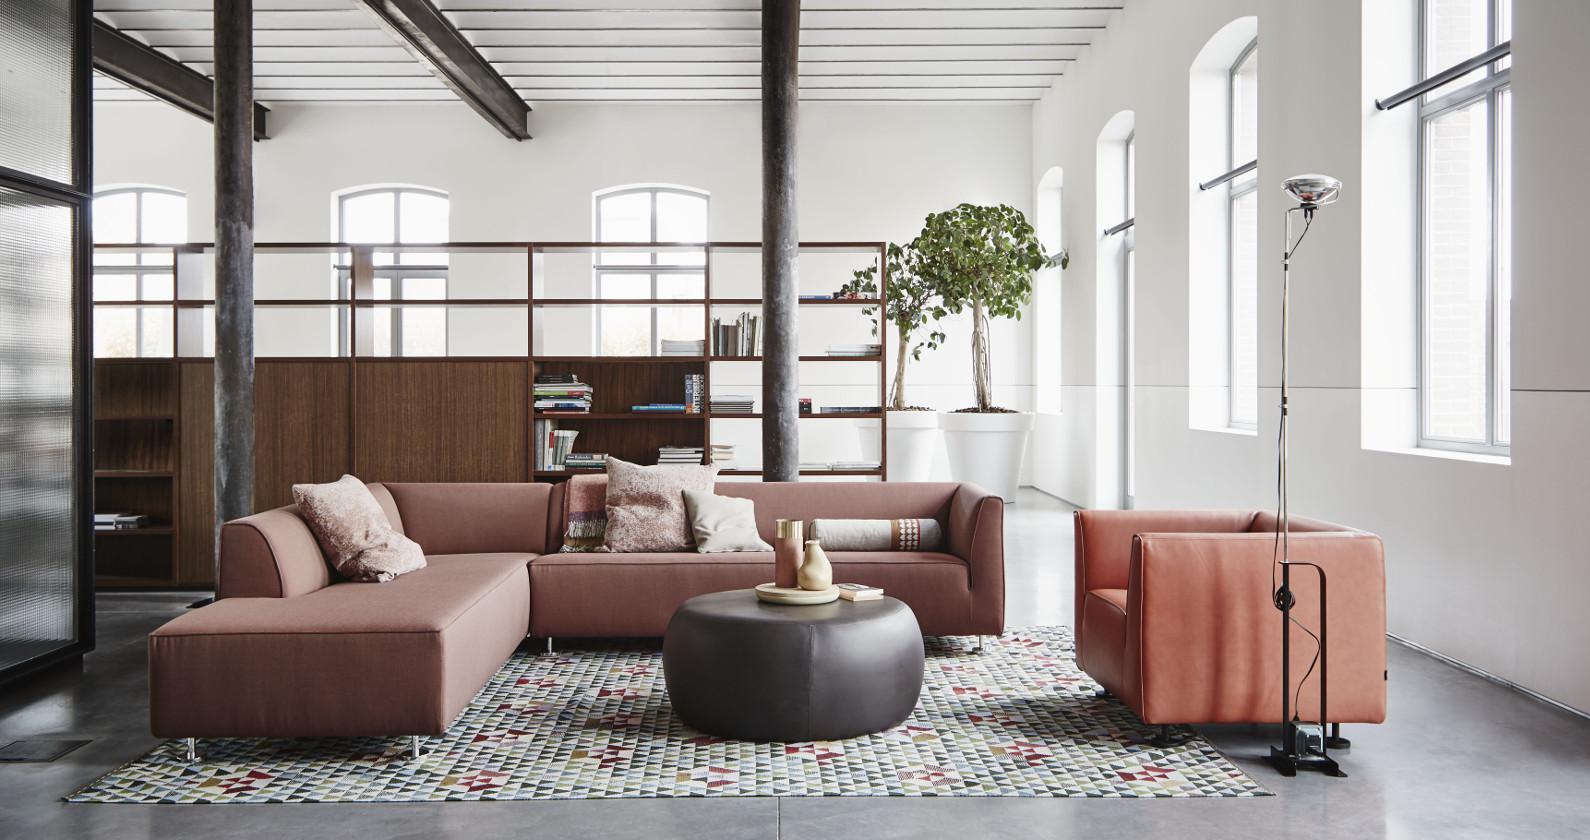 de gelderland groep is fabrikant van ambachtelijk vervaardigde design meubelen voor zowel de woning als projectinrichting de onderneming heeft een breed